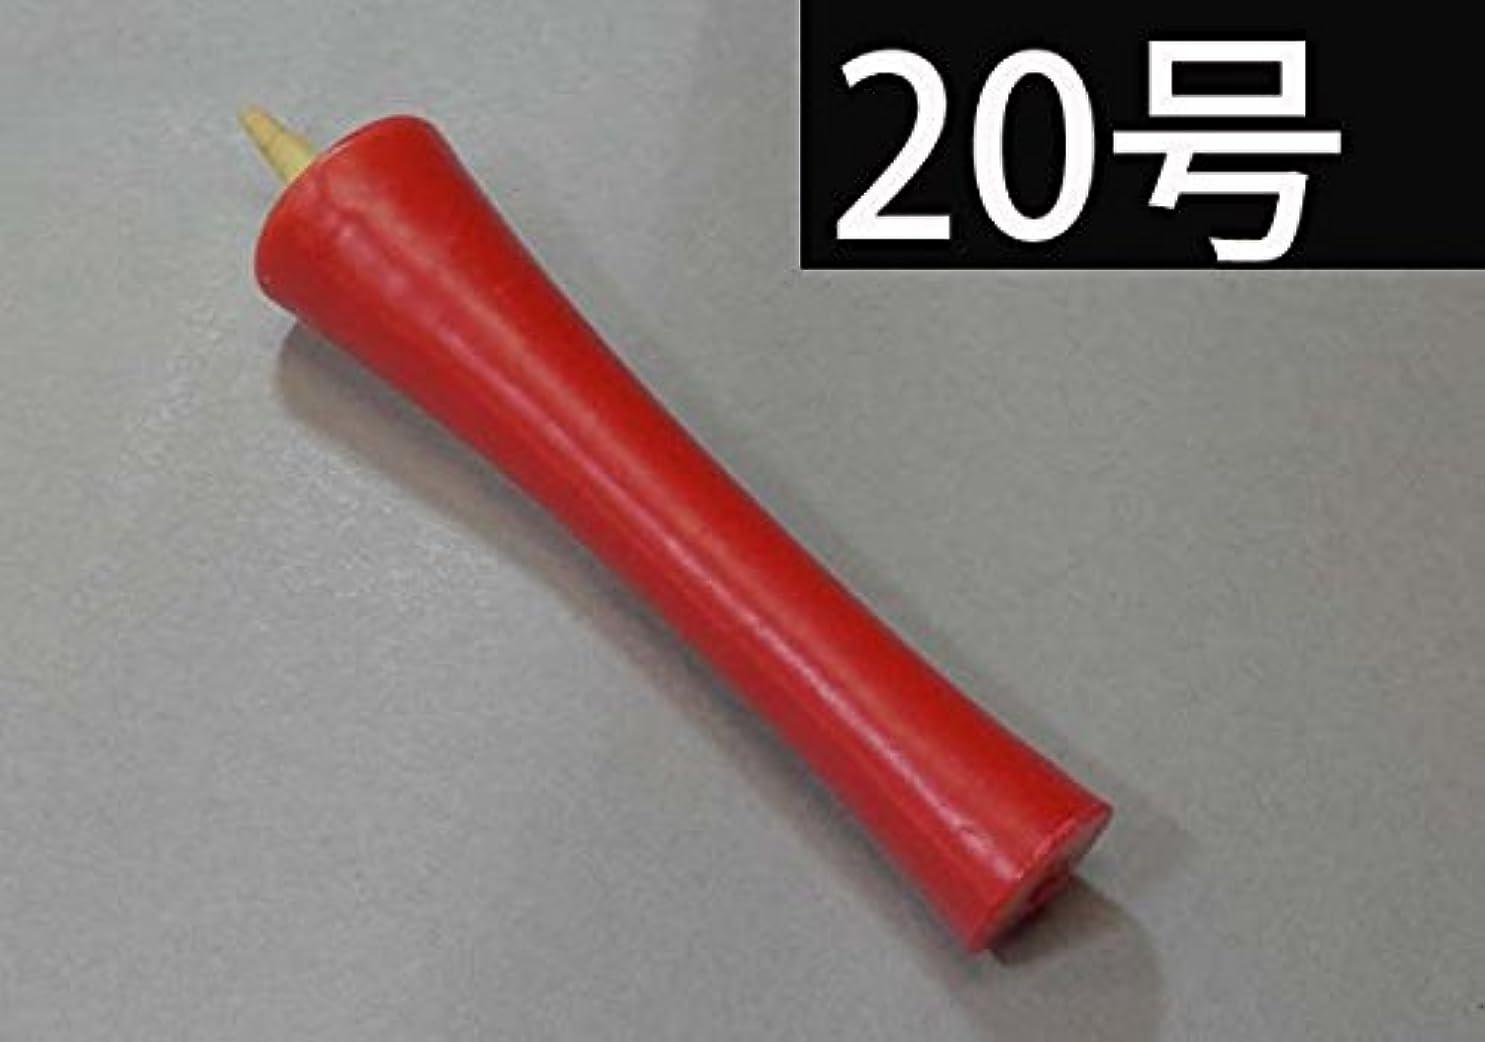 天才行商人構造的和ろうそく 型和蝋燭 ローソク【朱】 イカリ 20号 朱色 6本入り 約17センチ 約3時間30分燃焼